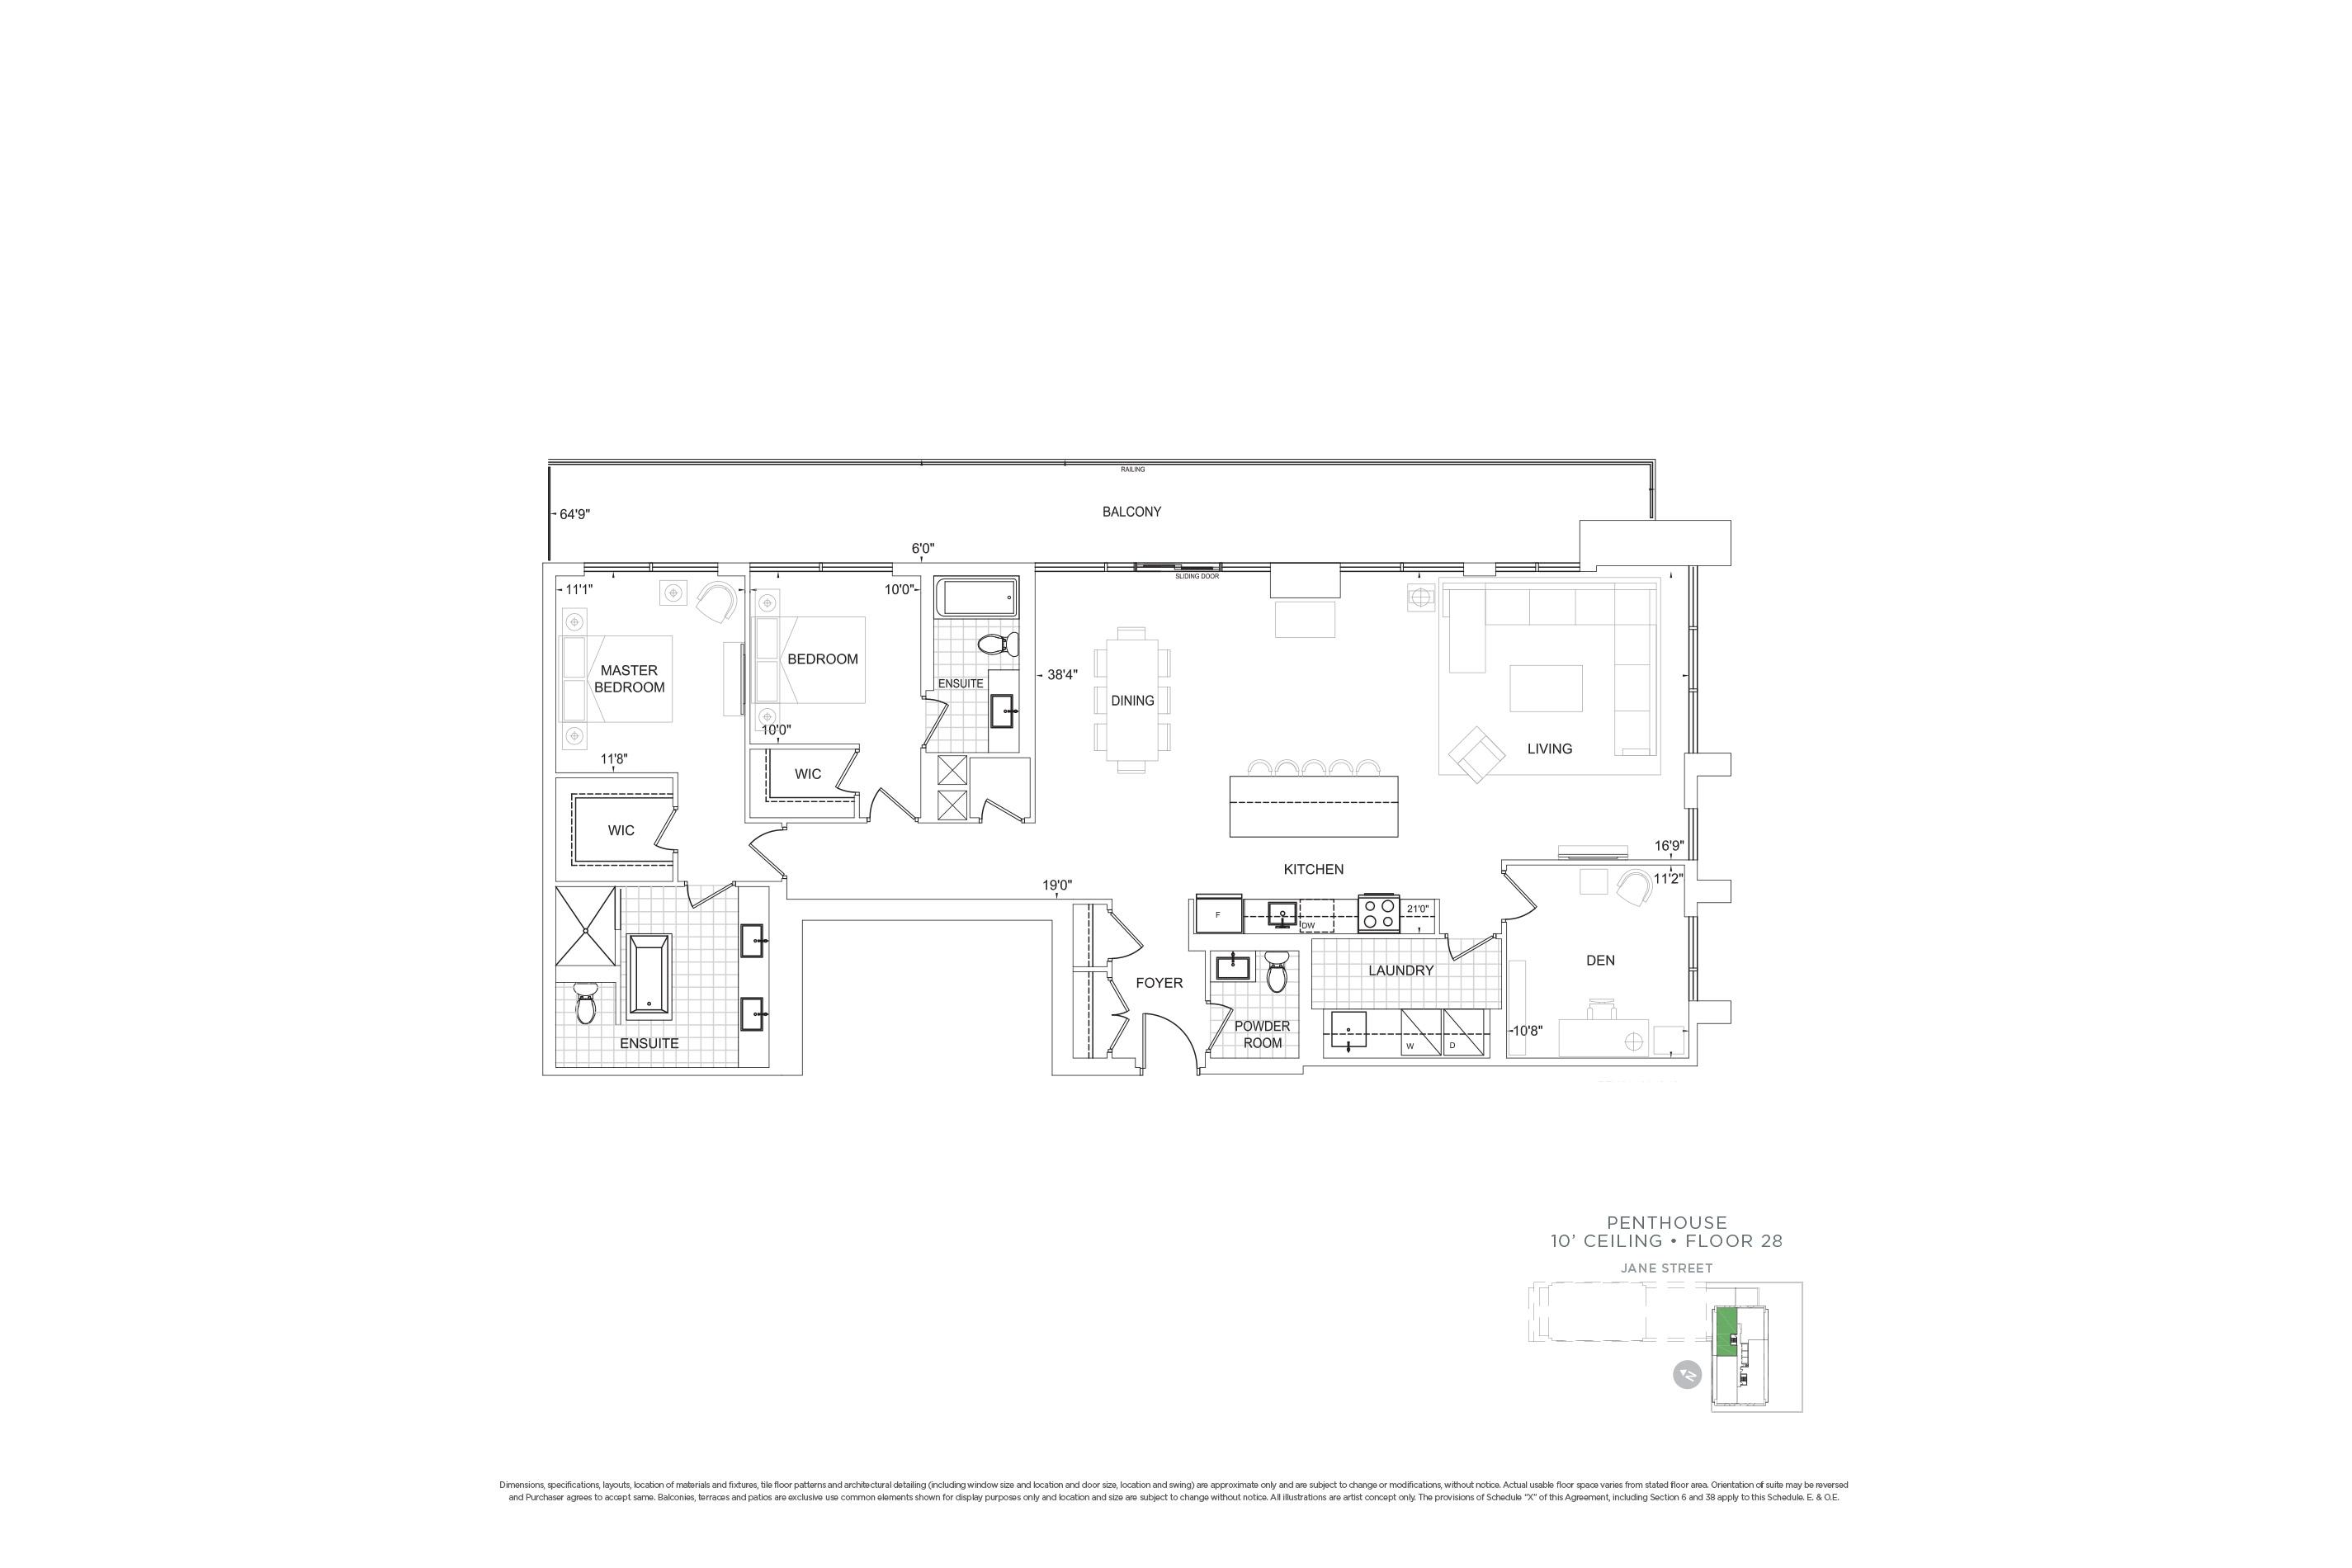 D1881 Penthouse Units